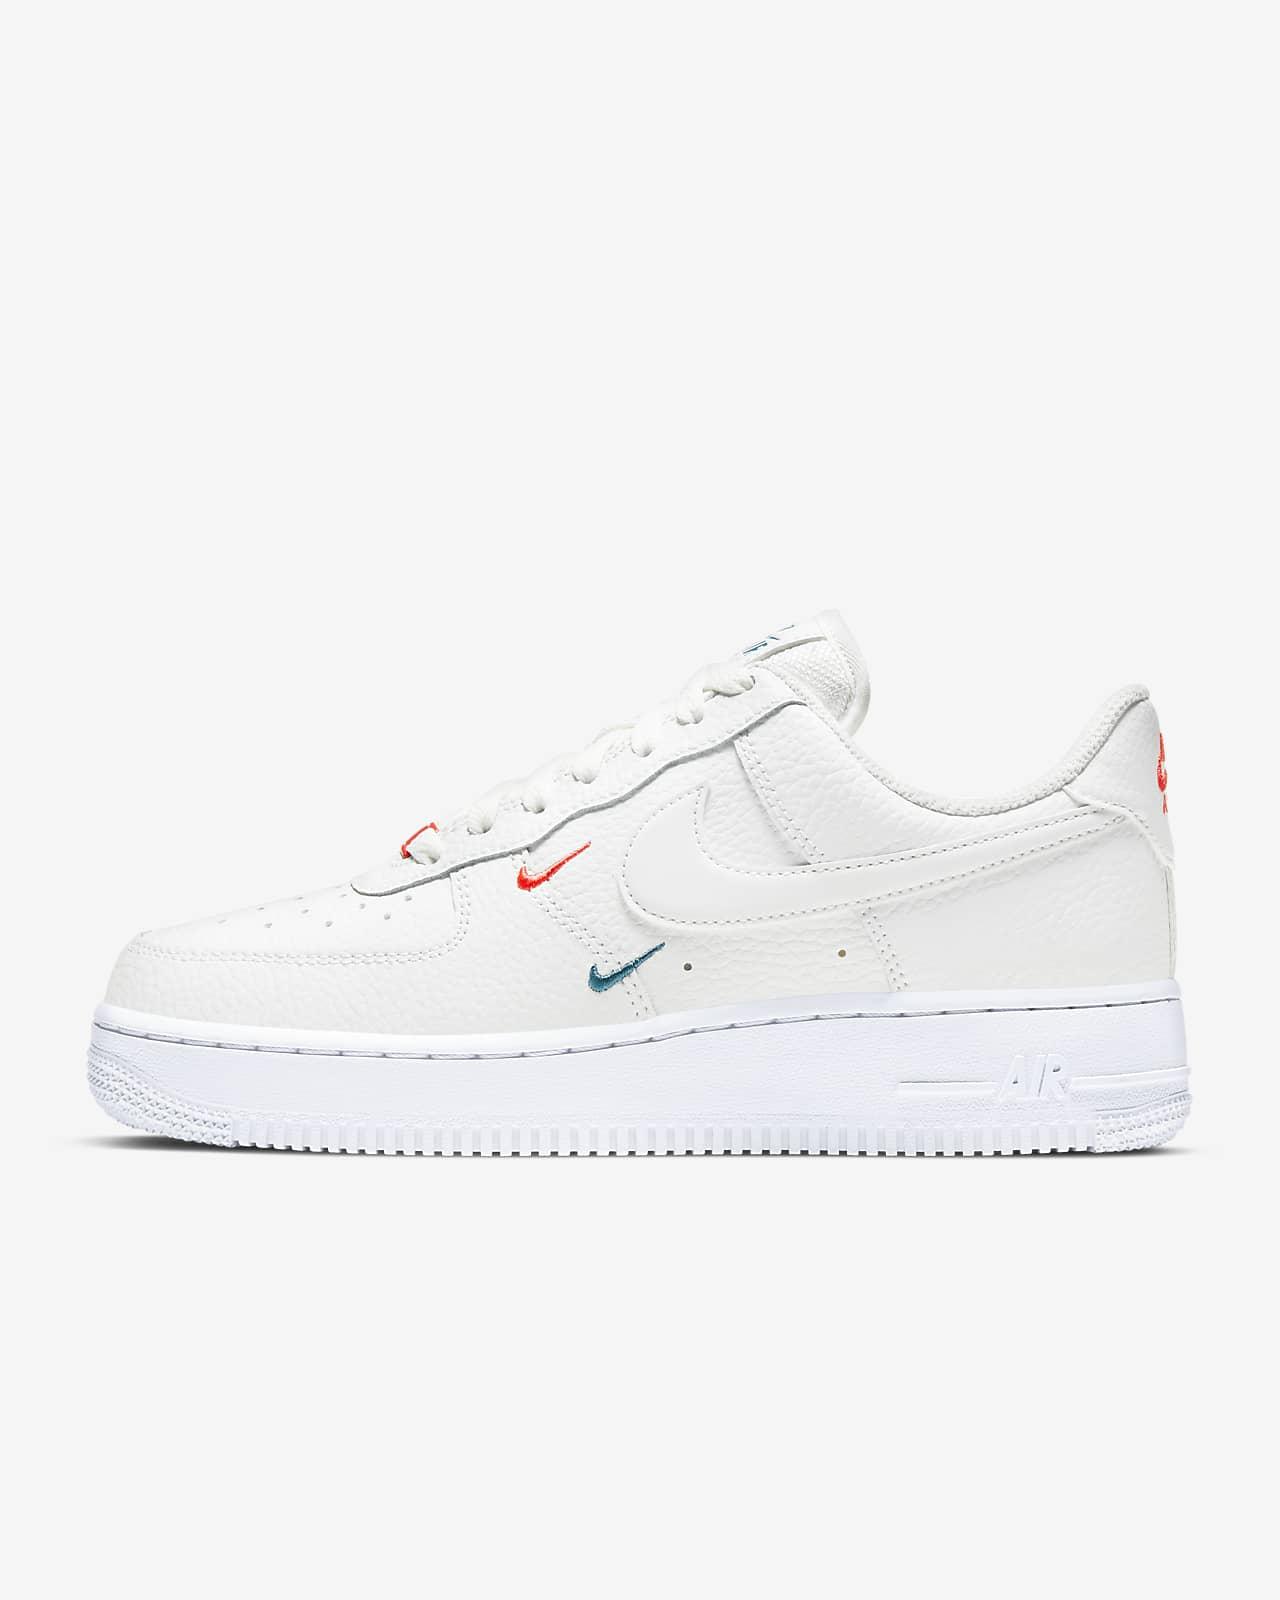 Nike Air Force 1 '07 Essential Kadın Ayakkabısı